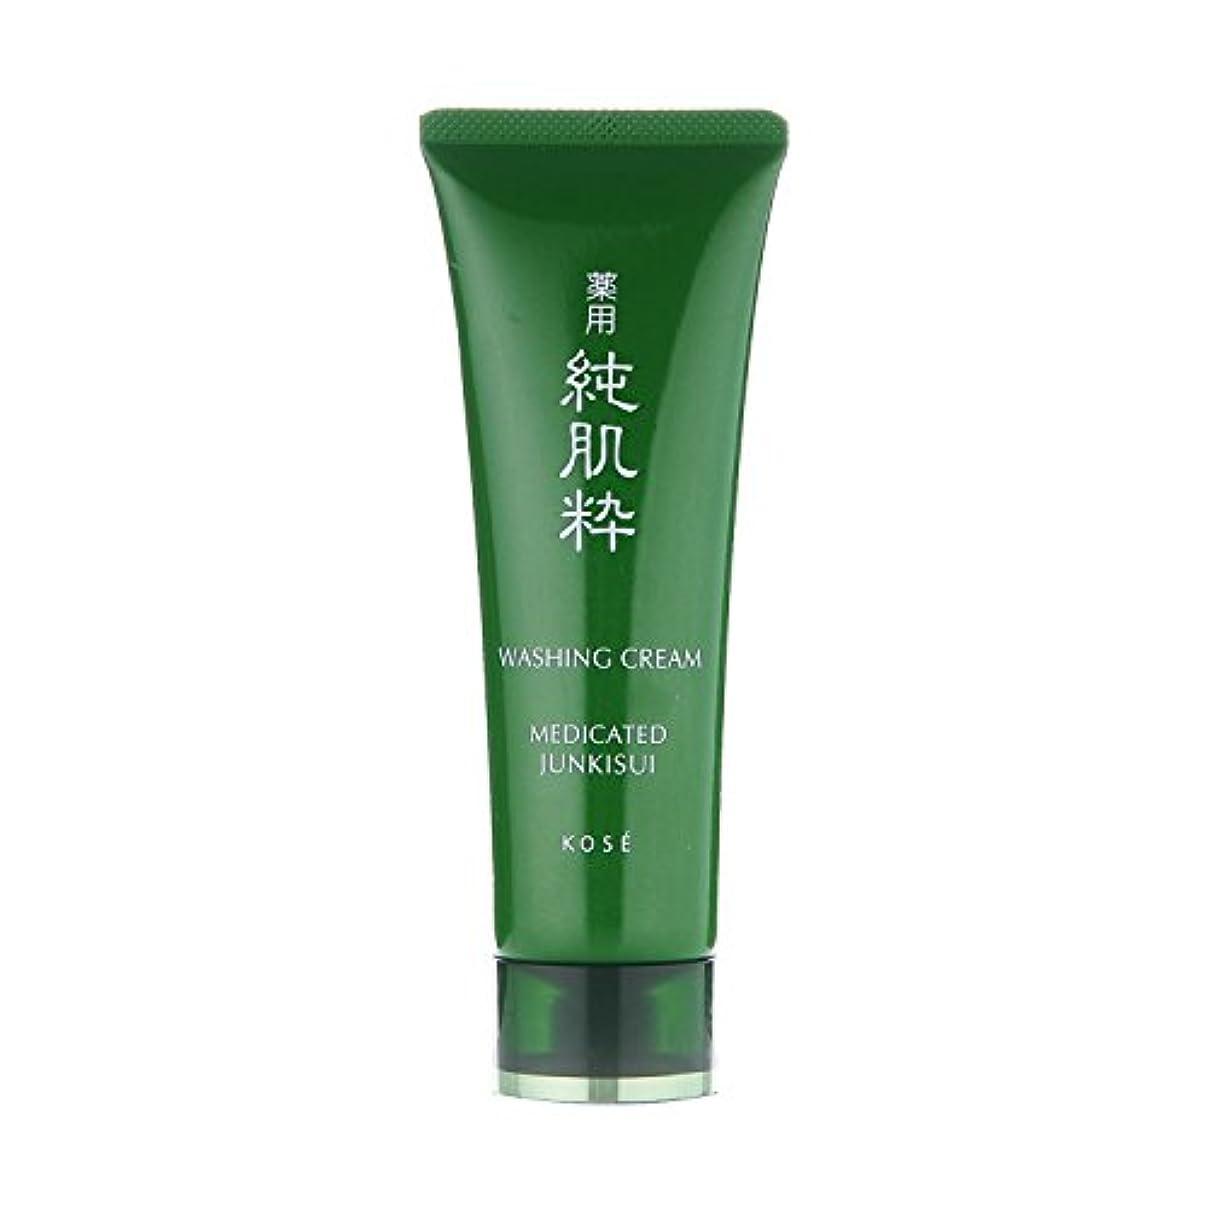 対人スパイラルコイン薬用 純肌粋 洗顔クリーム 120g <24304>